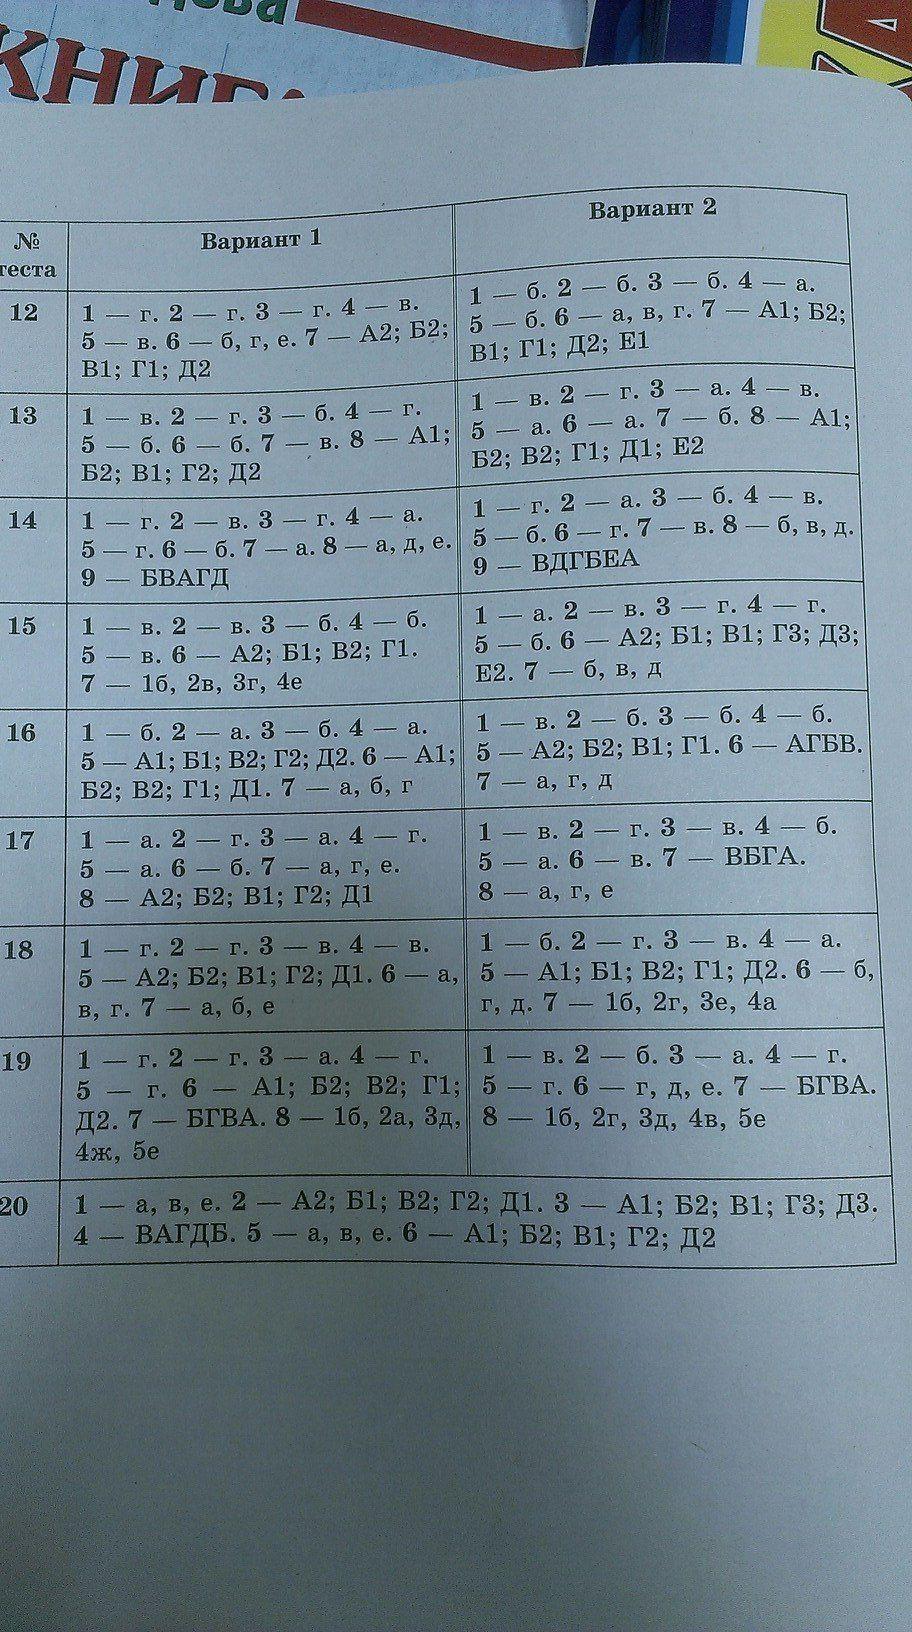 Тесты биология гекалюк 9 класс